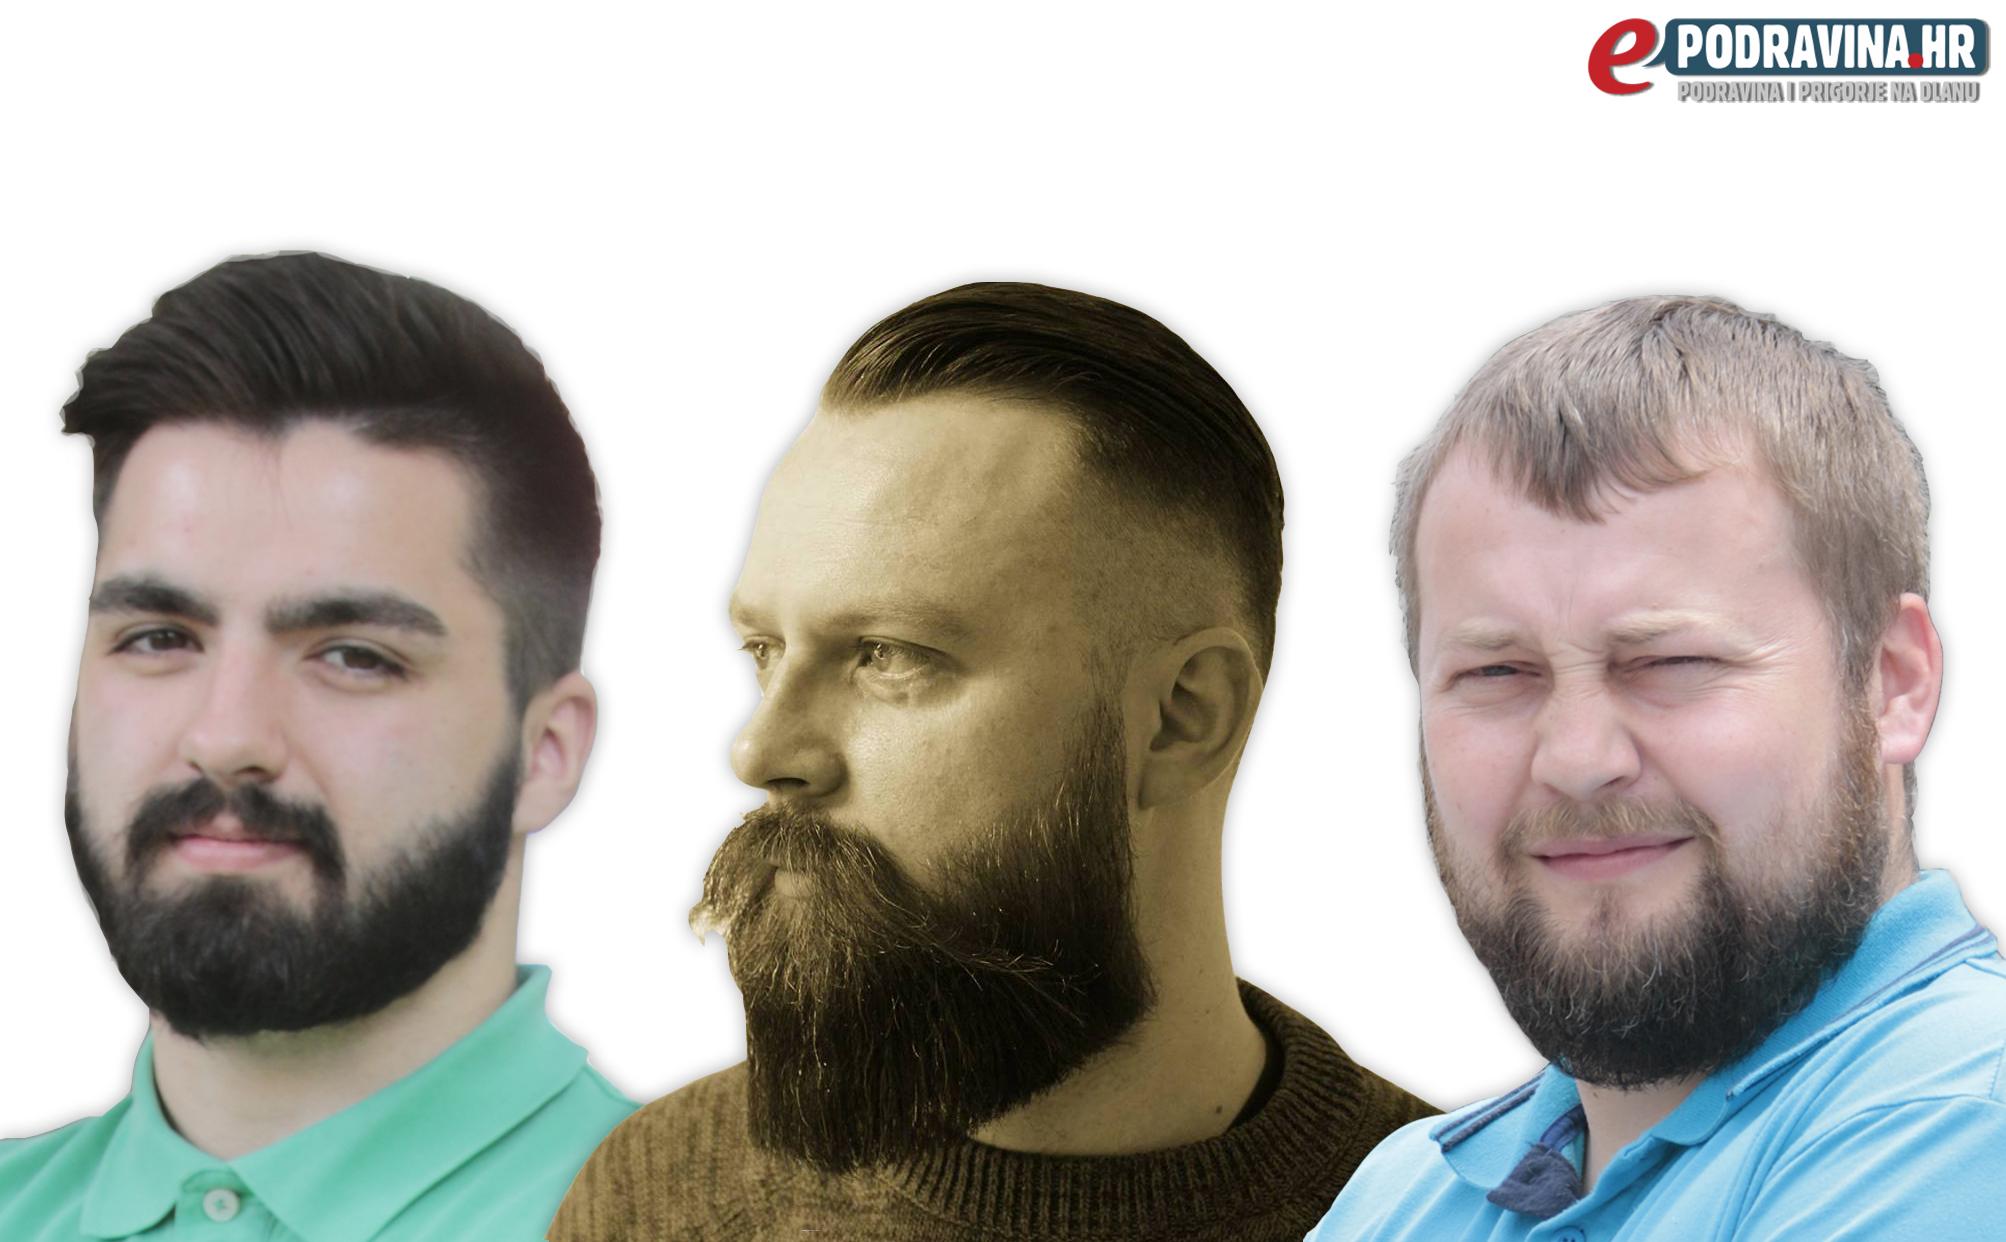 Dugačka brada postala je pravi svjetski trend i taj izgled nije više.